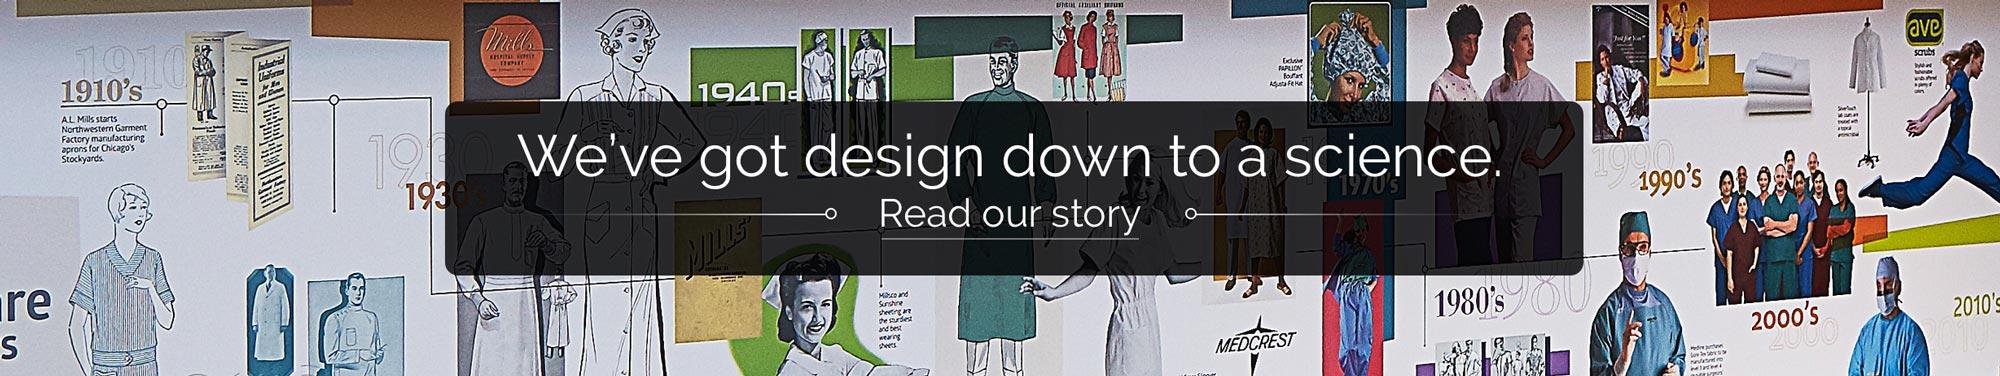 DesignScience194804.jpg